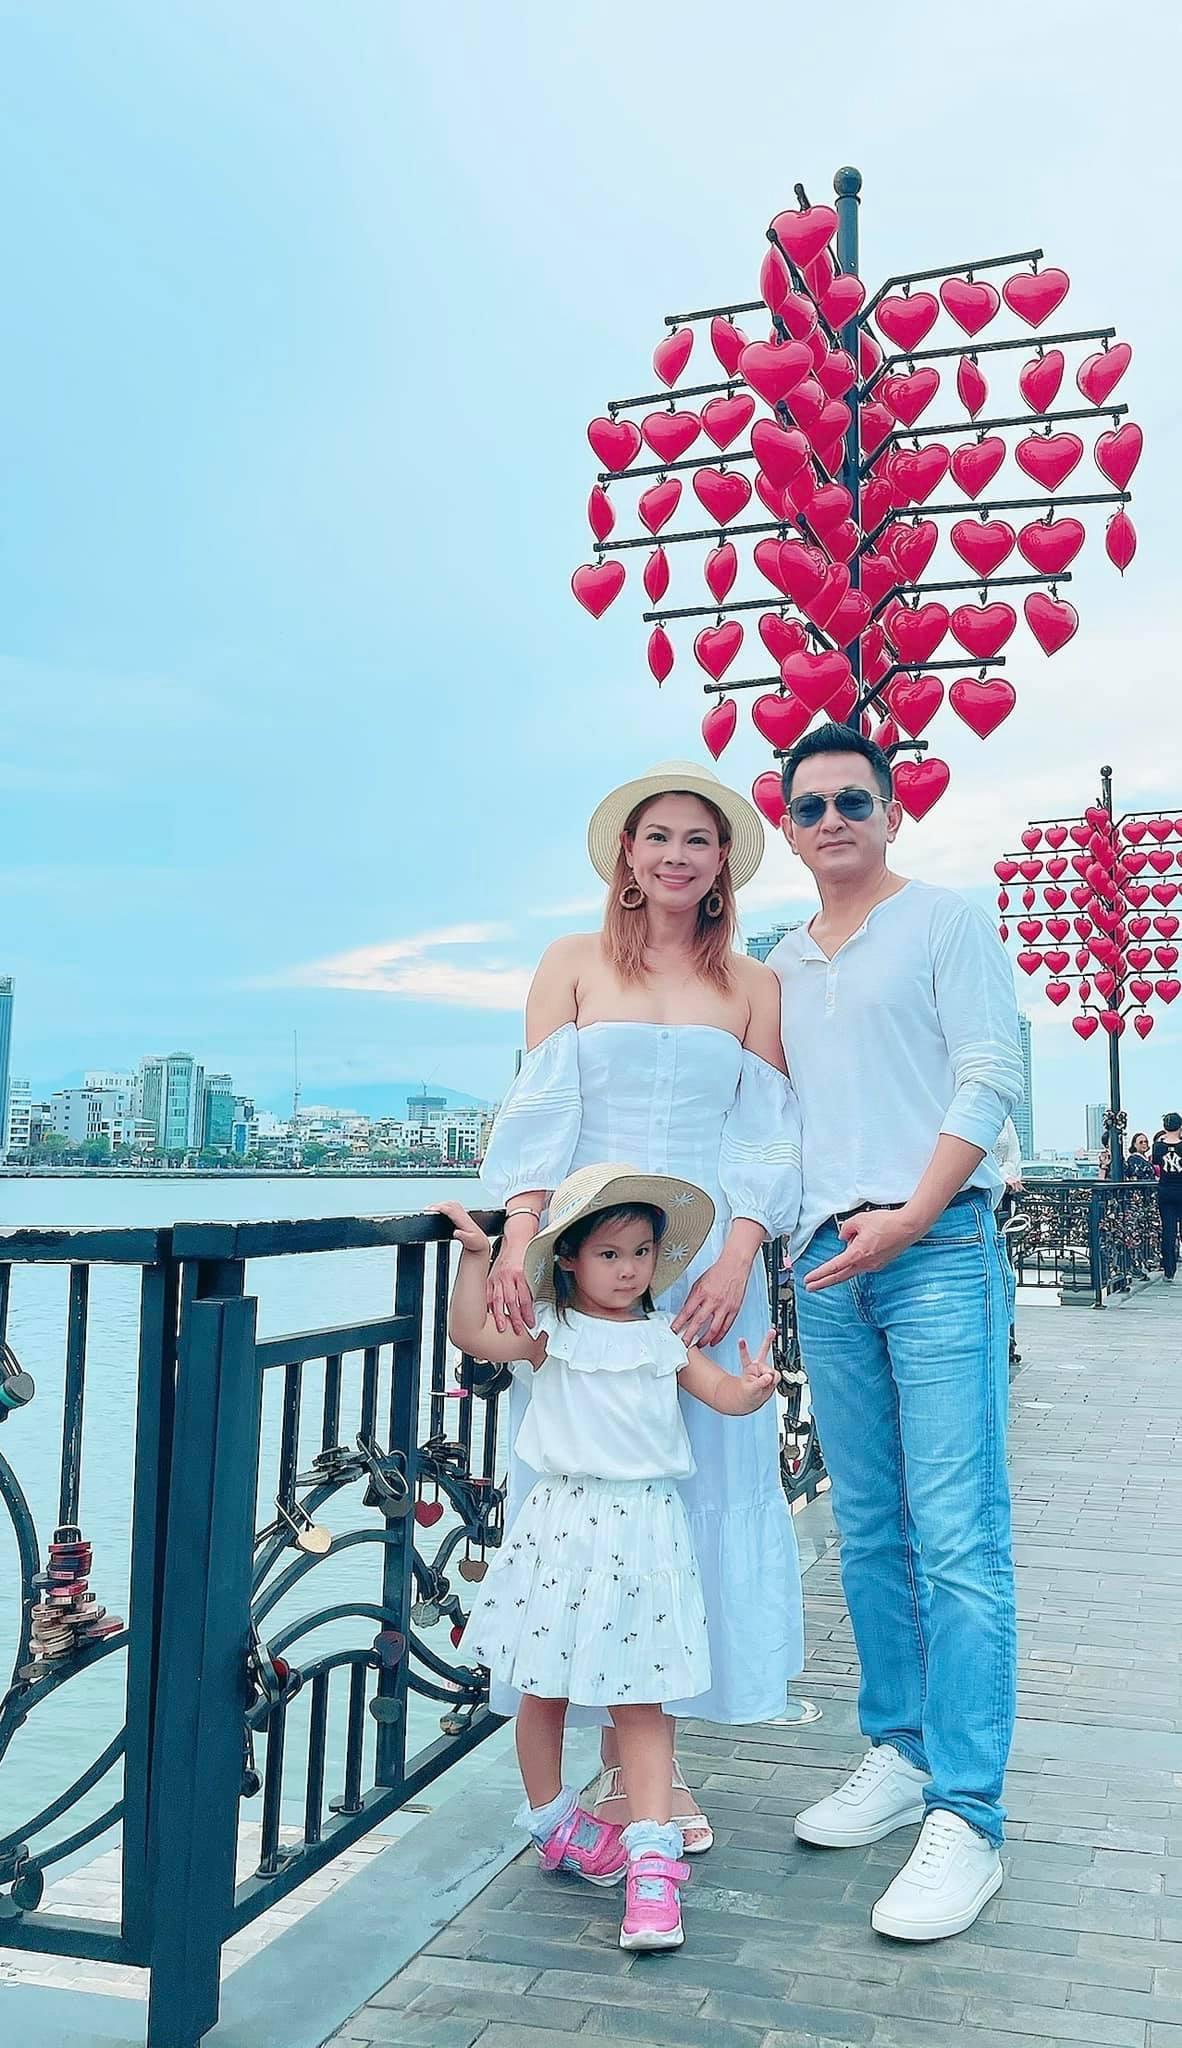 Ca sĩ Thanh Thảo lộ góc khuất hôn nhân với chồng Việt kiều, chấp nhận nhún nhường vì hạnh phúc 3